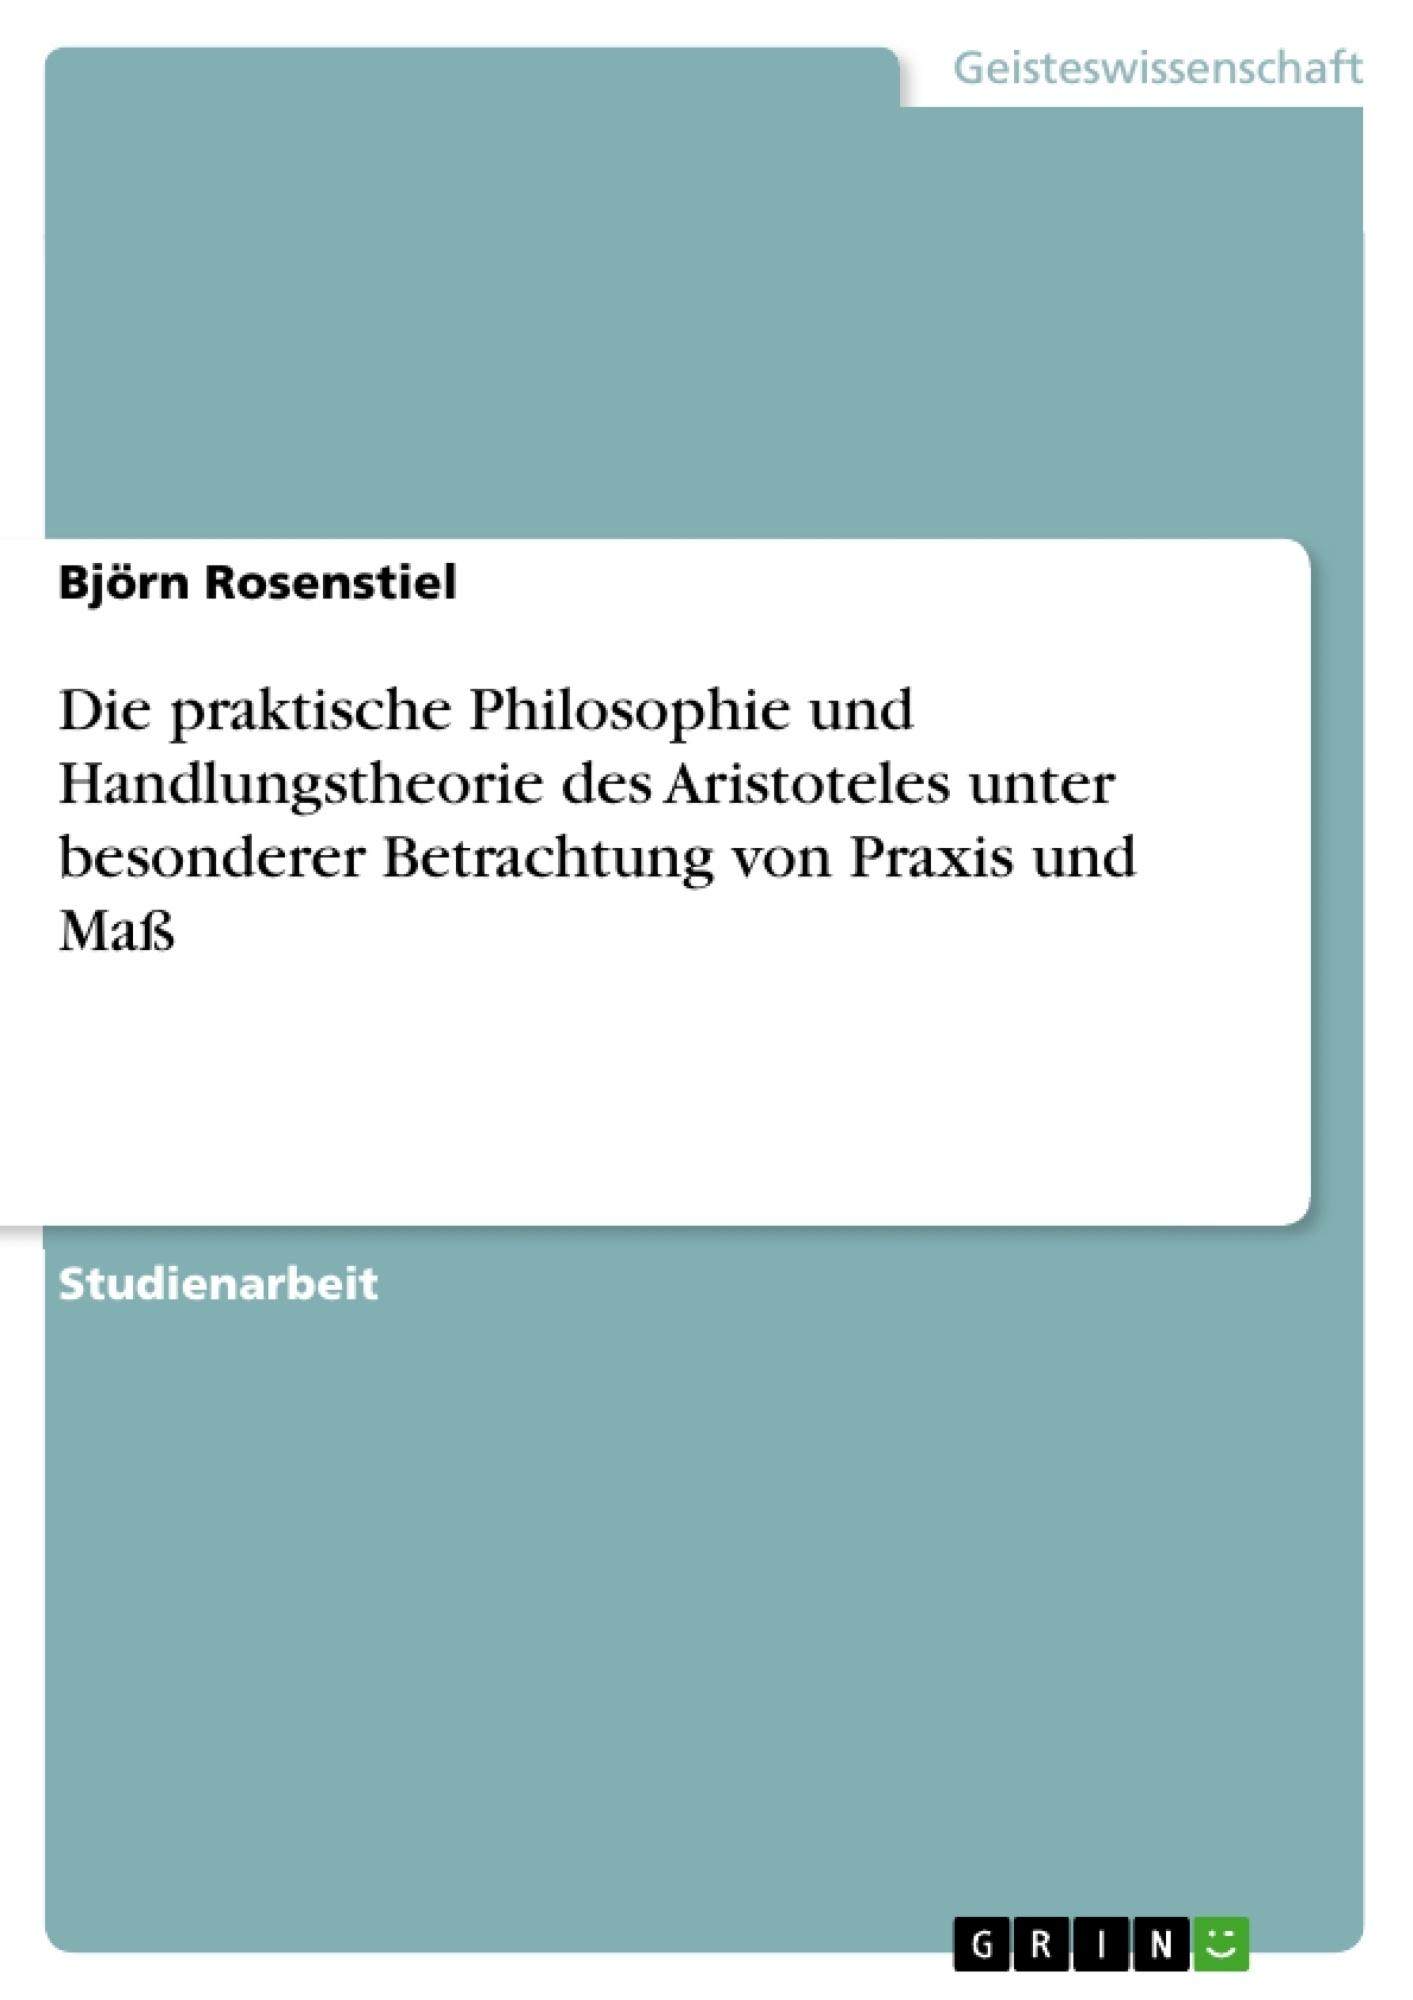 Titel: Die praktische Philosophie und Handlungstheorie des Aristoteles unter besonderer Betrachtung von Praxis und Maß